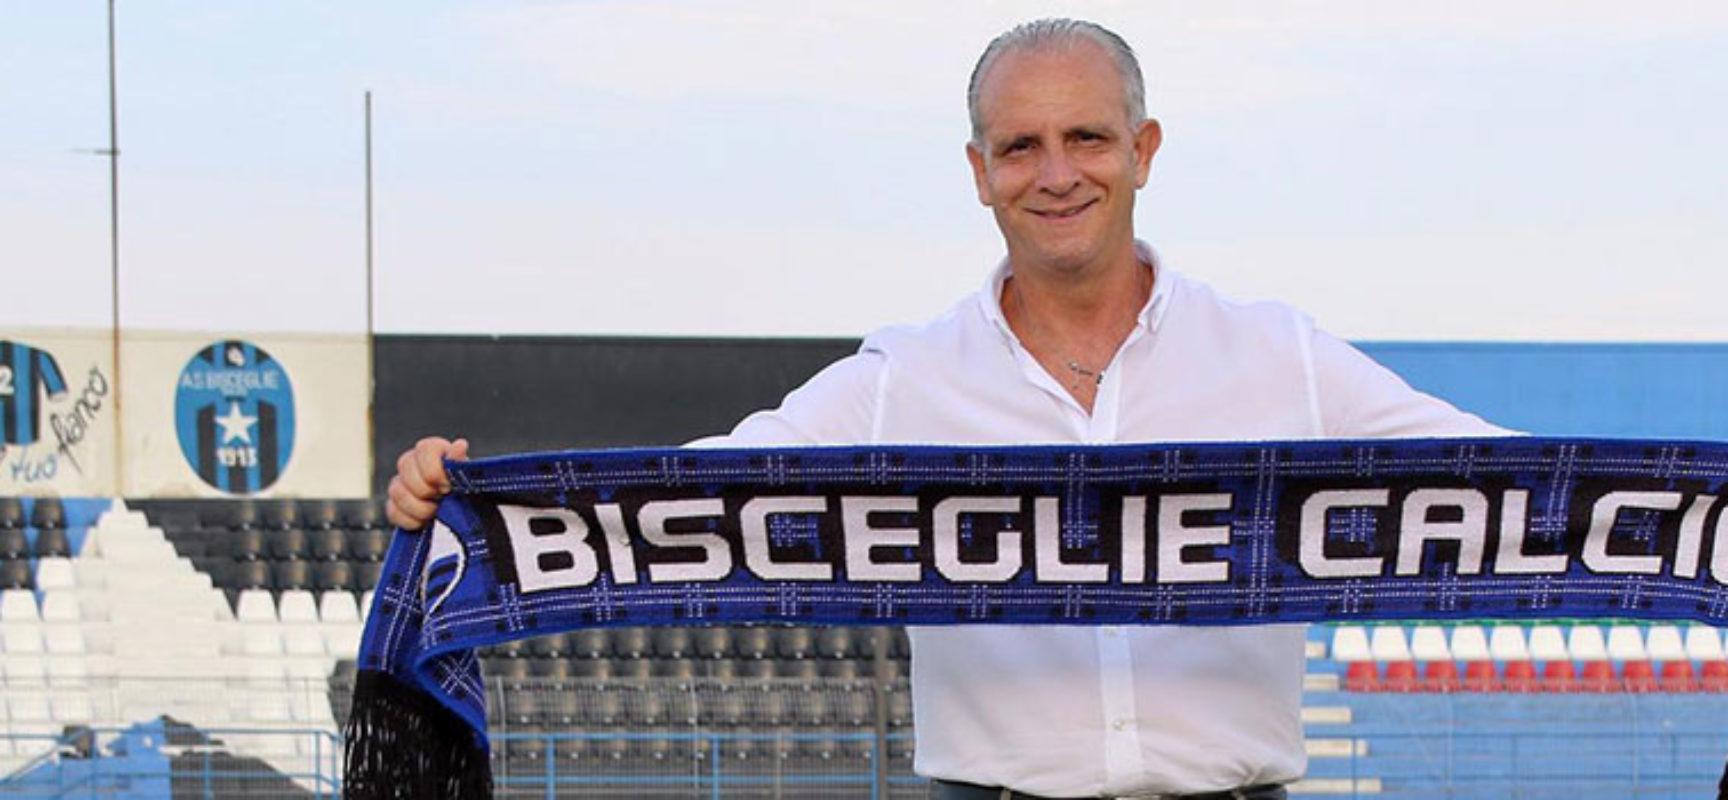 Sergio La Cava è il nuovo tecnico del Bisceglie Calcio